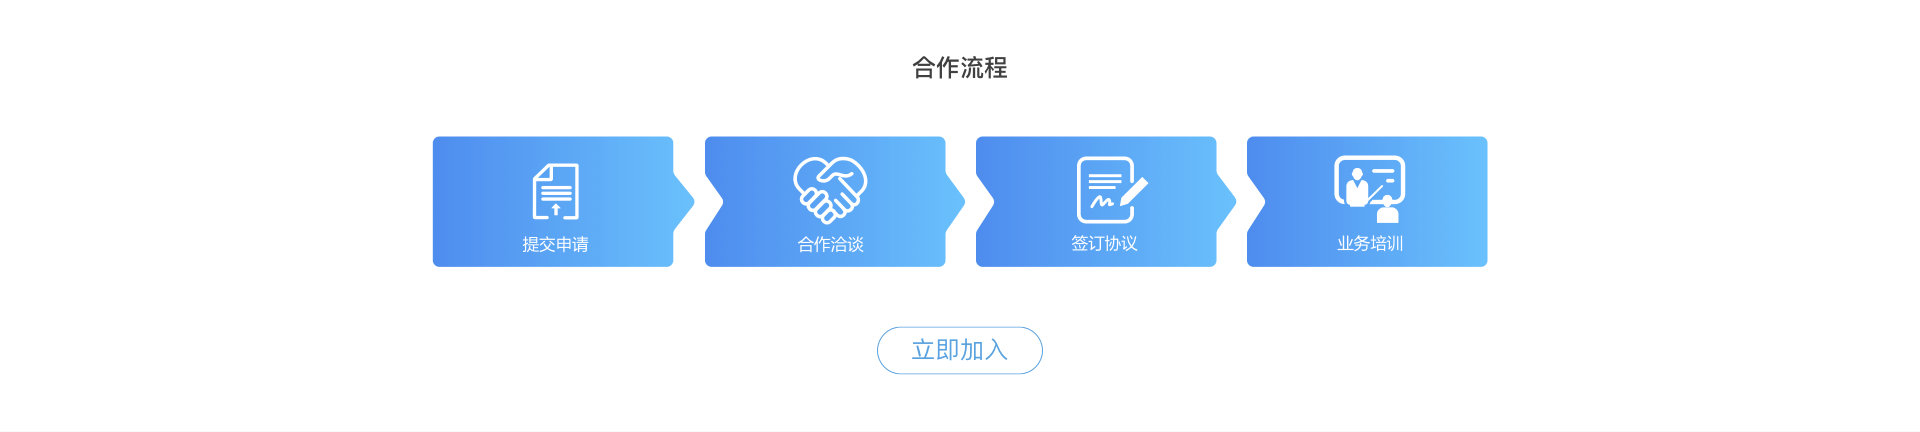 山东万里牛招商加盟(图5)